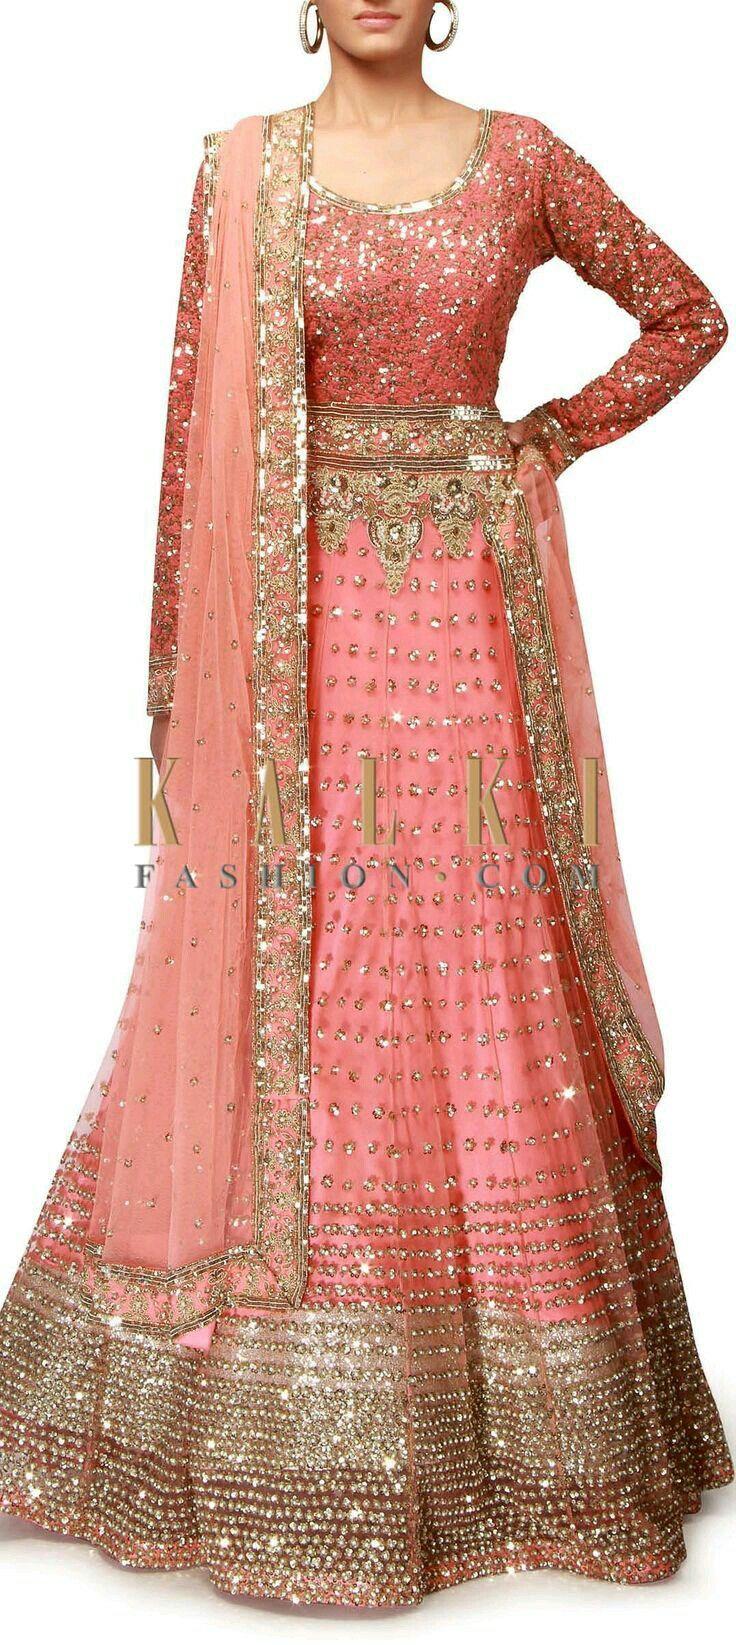 13 best indian bridal lehangasss images on Pinterest   India fashion ...